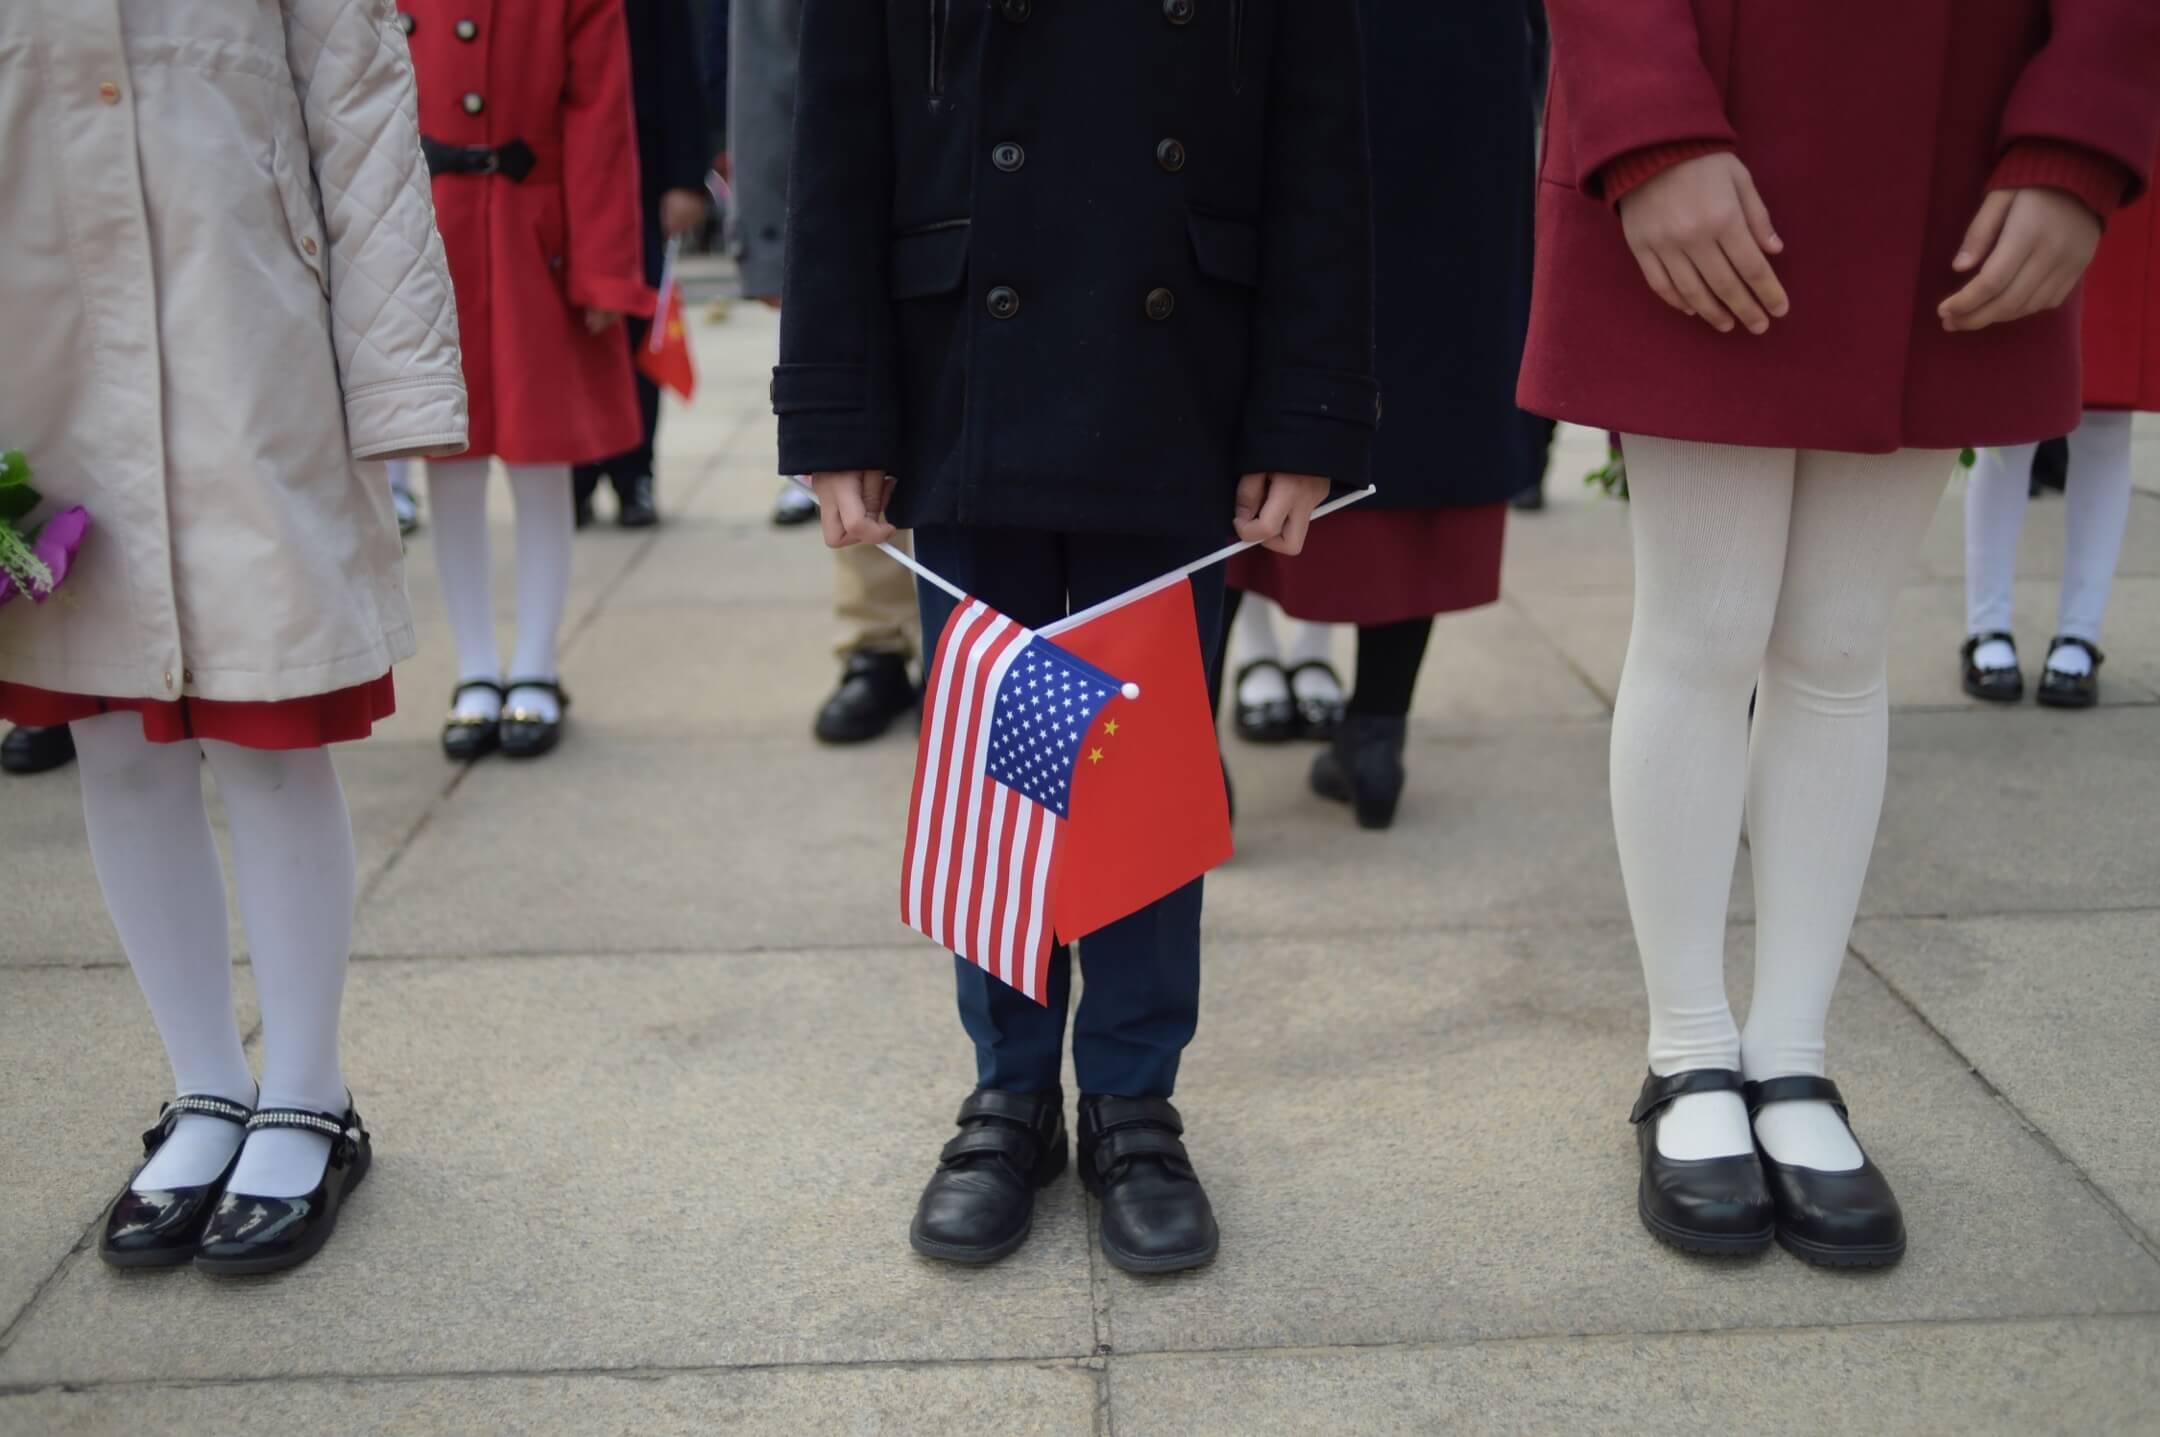 輸贏之爭雖然沒有意義,但是兩國不同的「痛感」卻值得關注。痛感是一個主觀的概念,感覺更痛的一方並不一定是損失更大的一方,但痛感卻可以改變行動。如今的中美貿易戰也好比一場互掐的「忍痛大賽」,雙方得都喊痛才能彼此停手。 攝:Fred Dufour/AFP/Getty Images